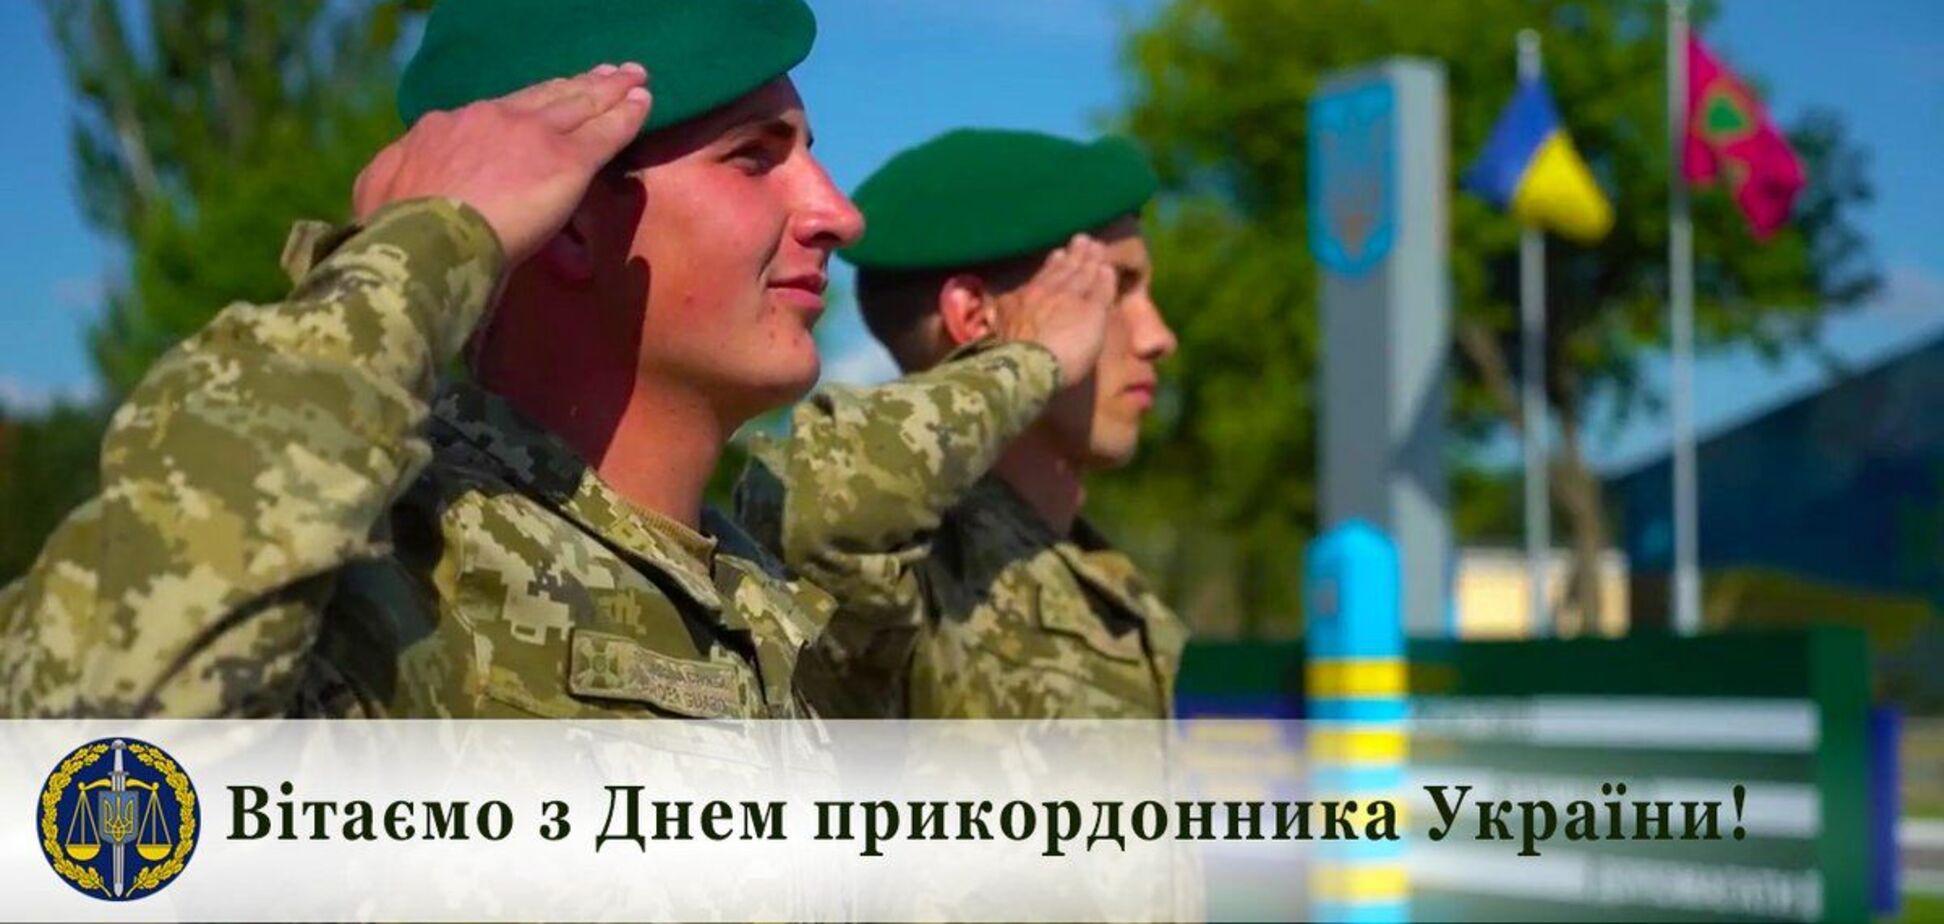 С 2018 года День пограничника в Украине отмечается 30 апреля